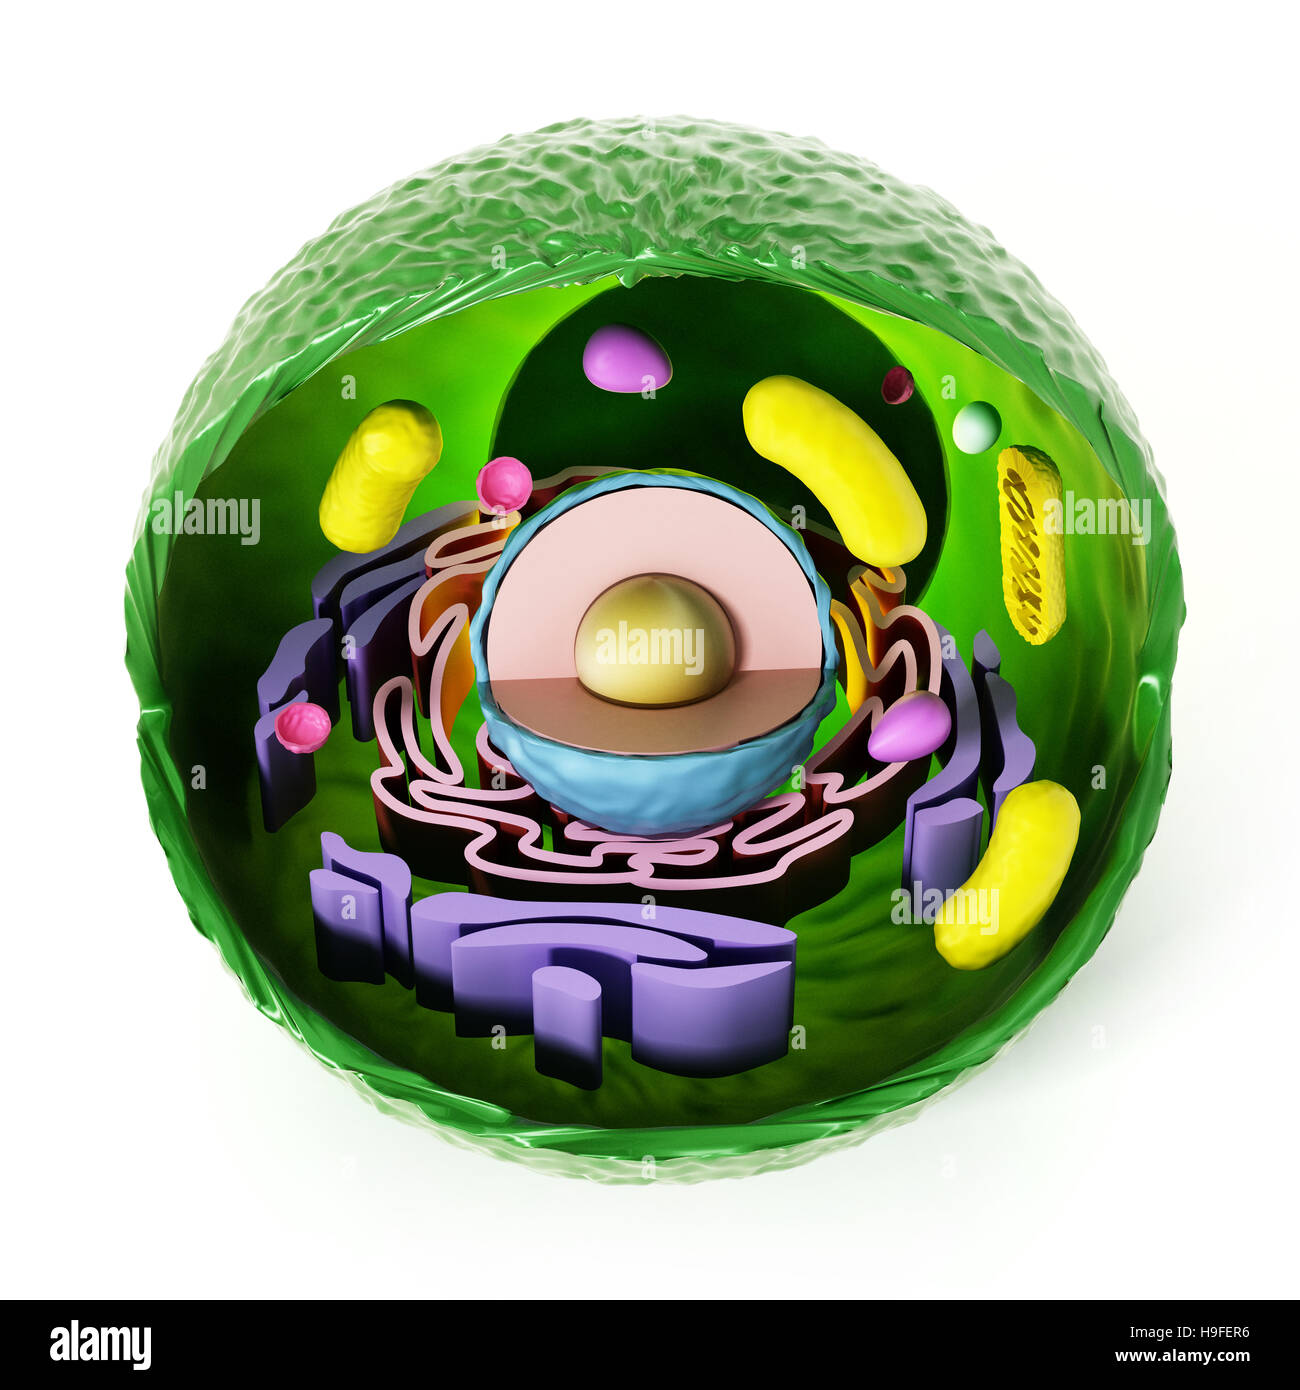 Anatomía de la célula animal aislado sobre fondo blanco. Ilustración 3D. Foto de stock